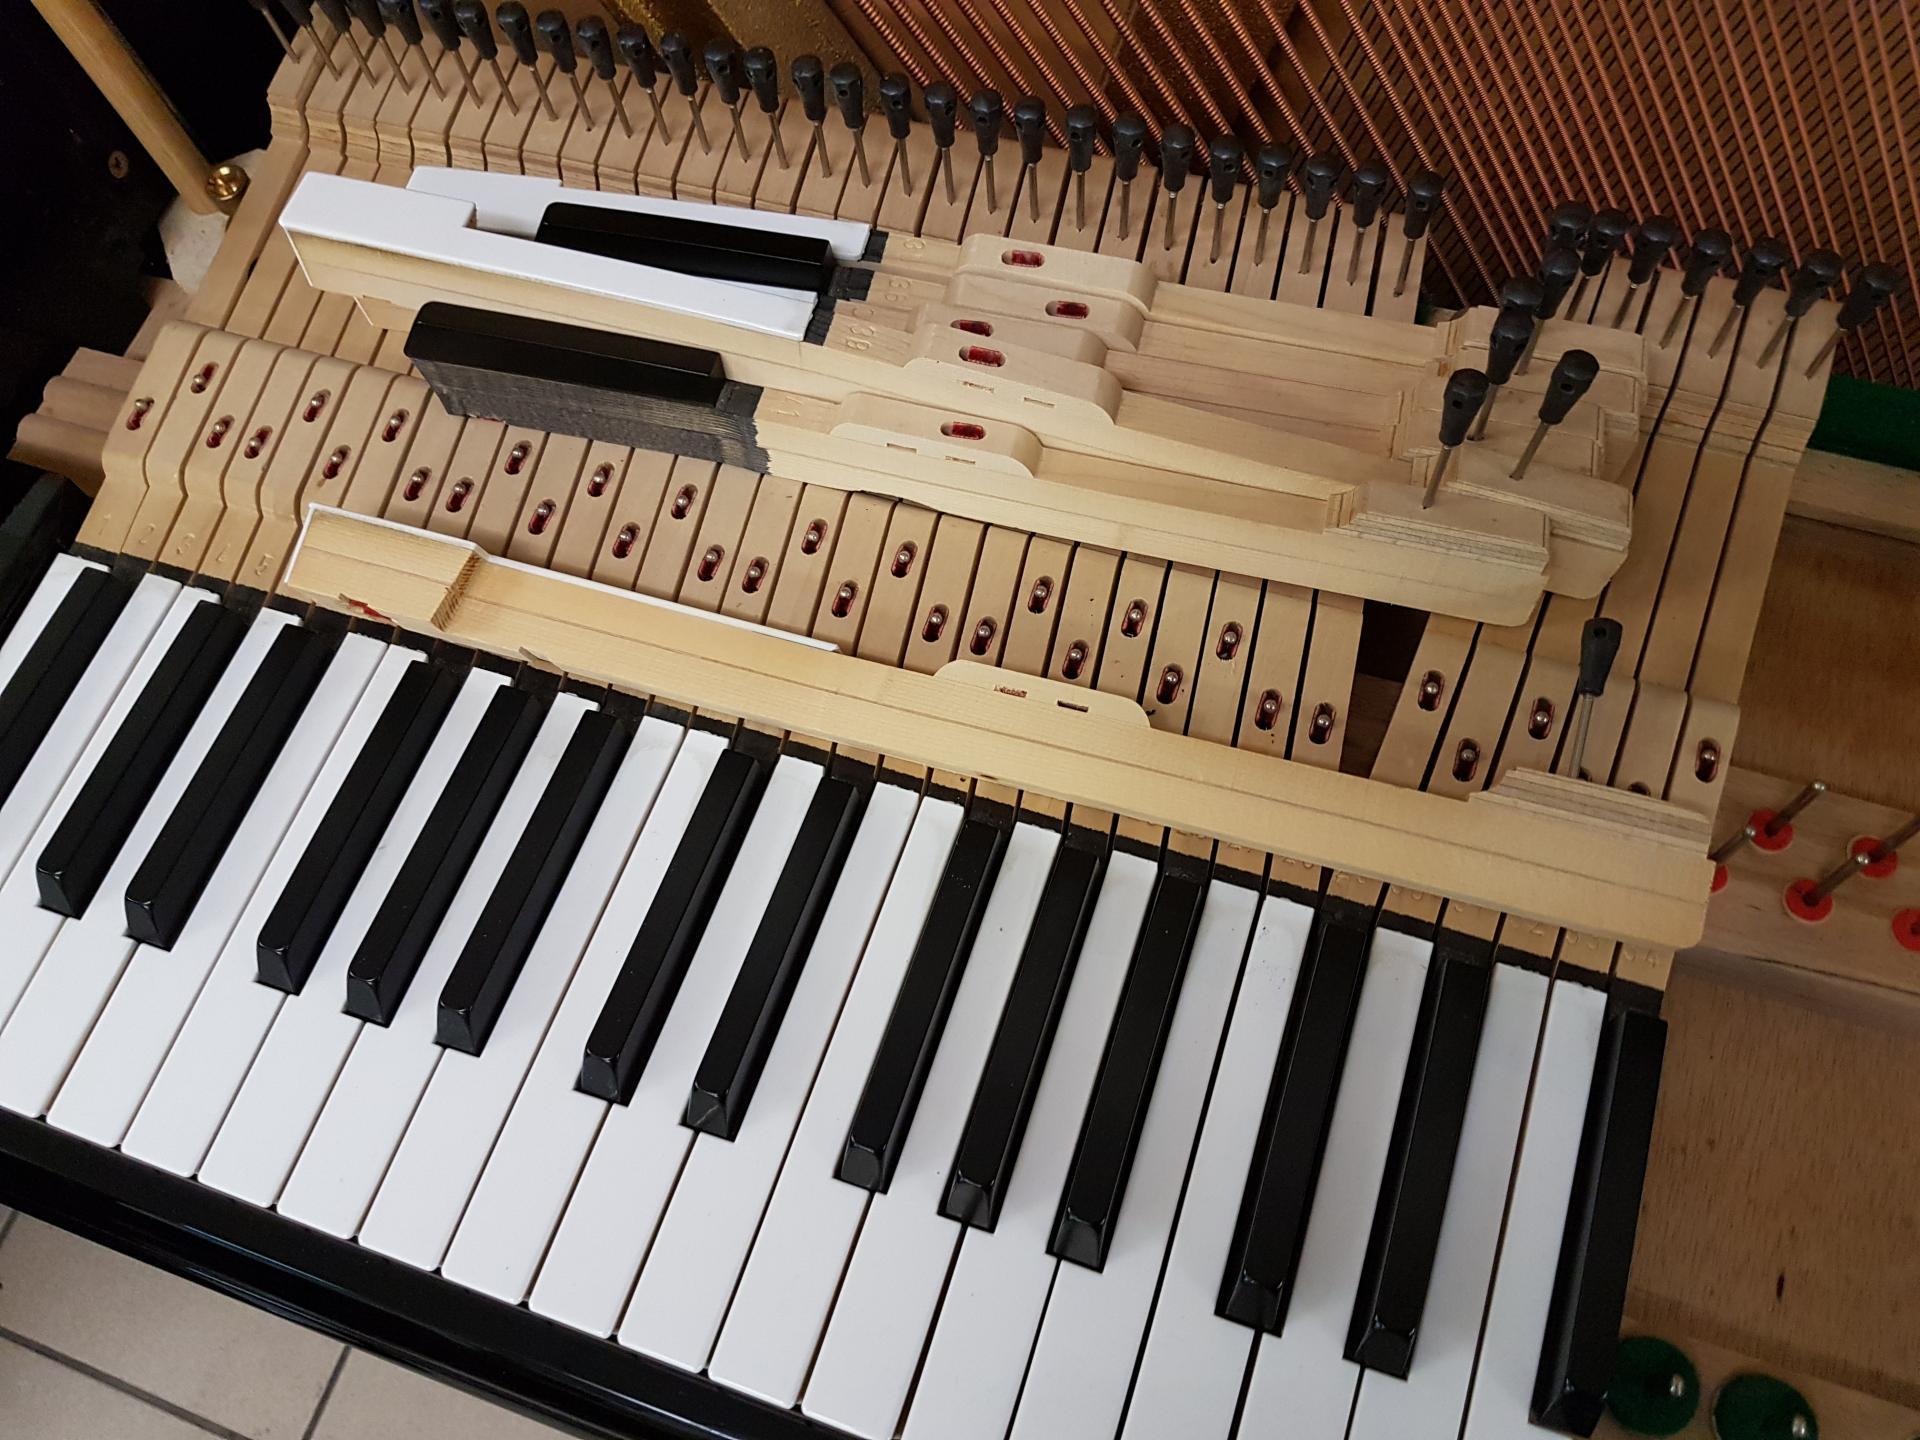 Cadre de clavier renforcé et magnifique sillet dans l'aigue